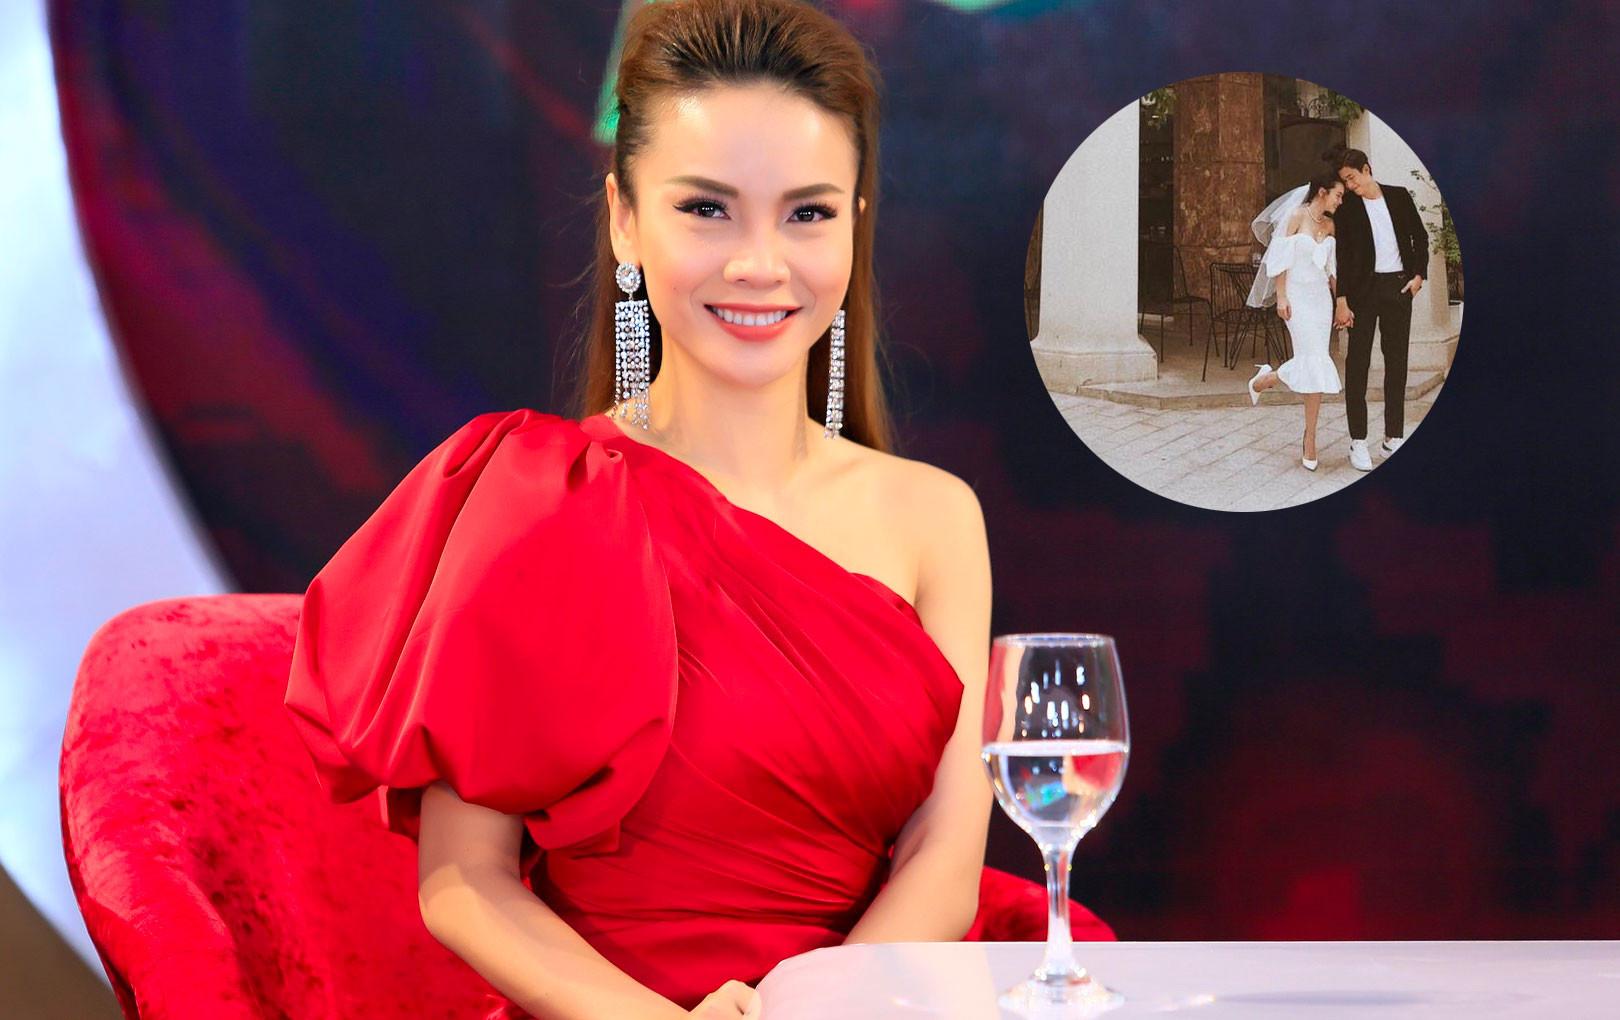 """Yến Nhi đăng ảnh chị gái mặc váy đầu đội voan trắng, nghi vấn Yến Trang sắp theo chồng """"bỏ cuộc chơi""""?"""